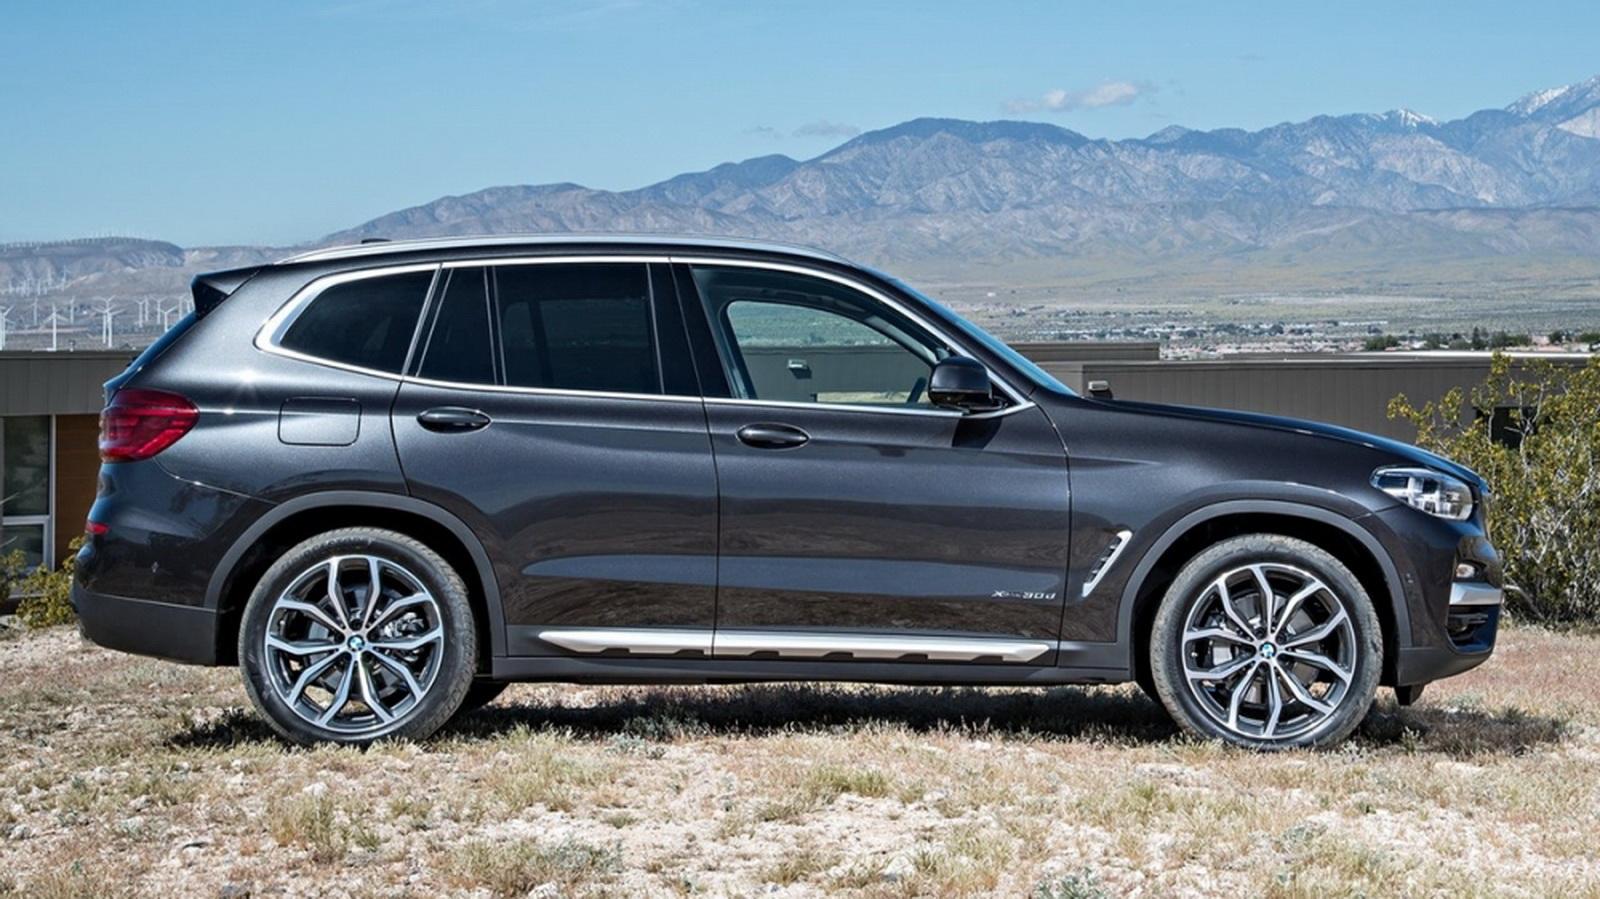 圖/2020 BMW X3 xDrive20i,完美結合粗獷的越野性格與動感的運動外觀,車側以動感折線劃過前後車門,勾勒出簡潔俐落的流暢線條。